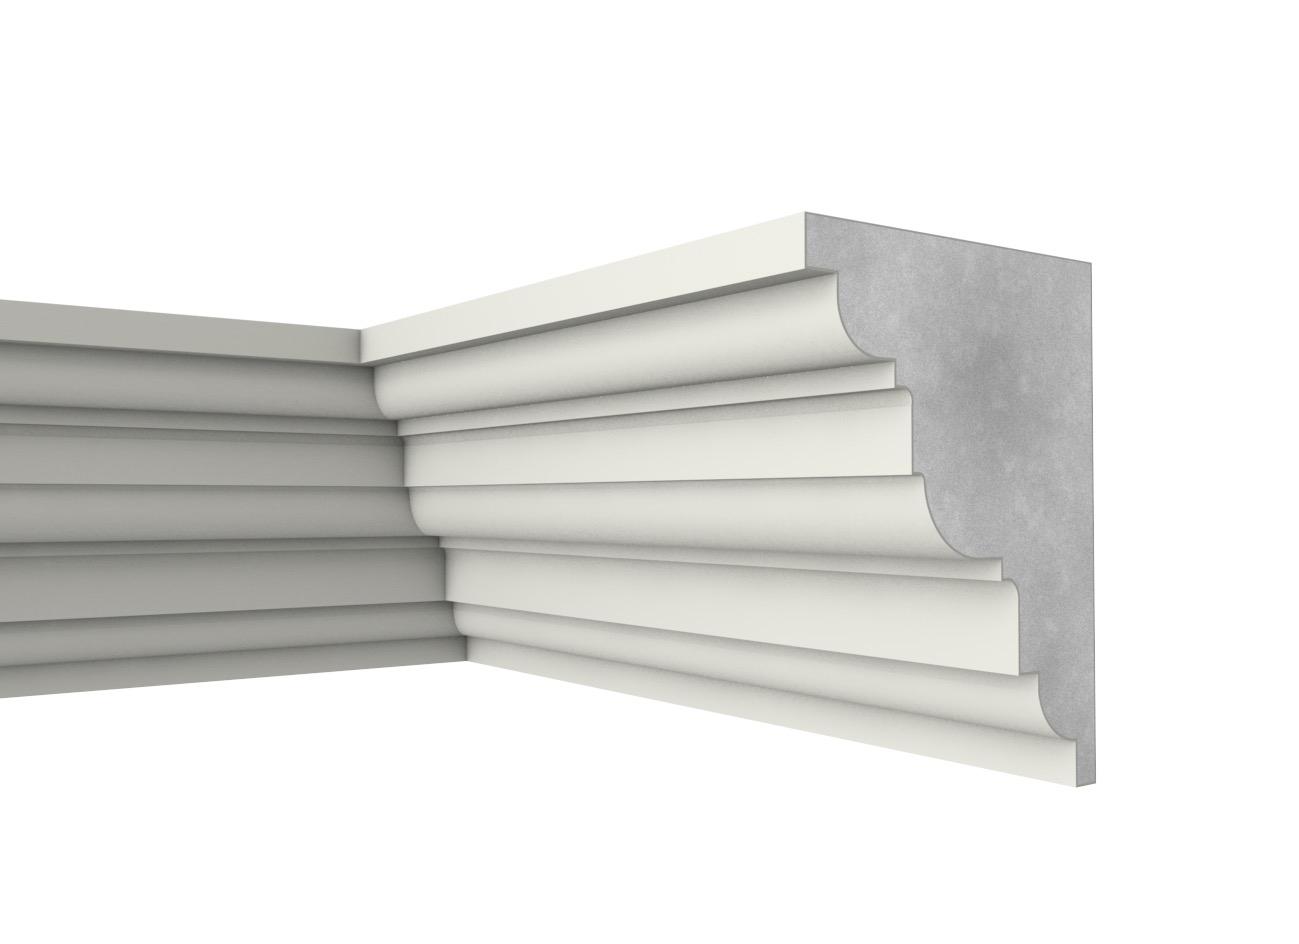 Fb 40 - Cornicione e sottogronda in polistirene spalmato con graniglie - Decorget - Ital Decori - Image 0